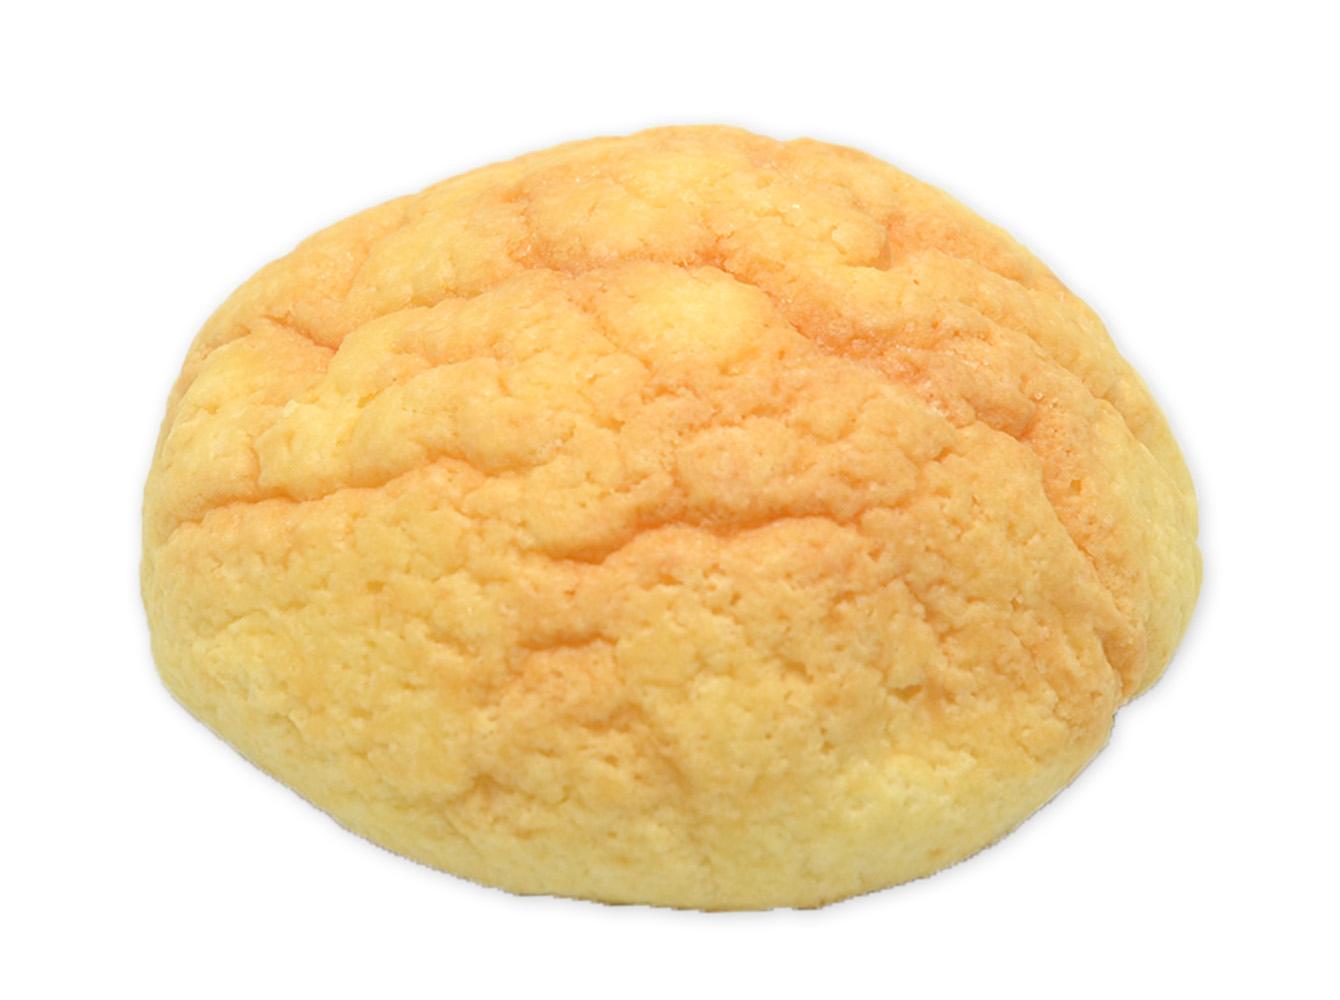 やさしい甘さのメロンパン